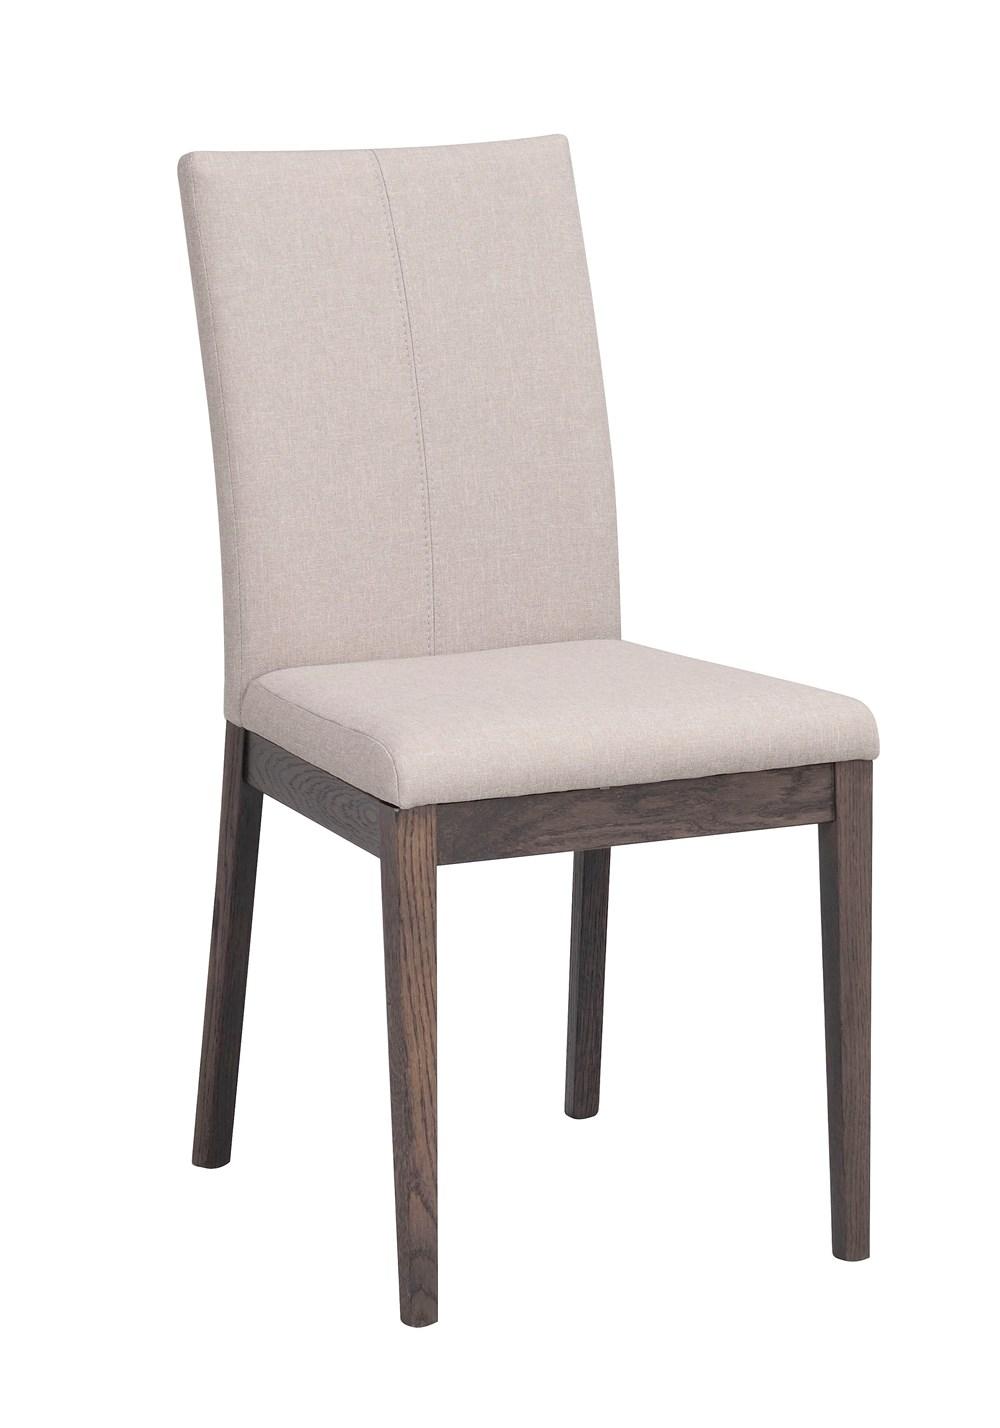 Amanda tuoli beige/tummanruskea, Rowico